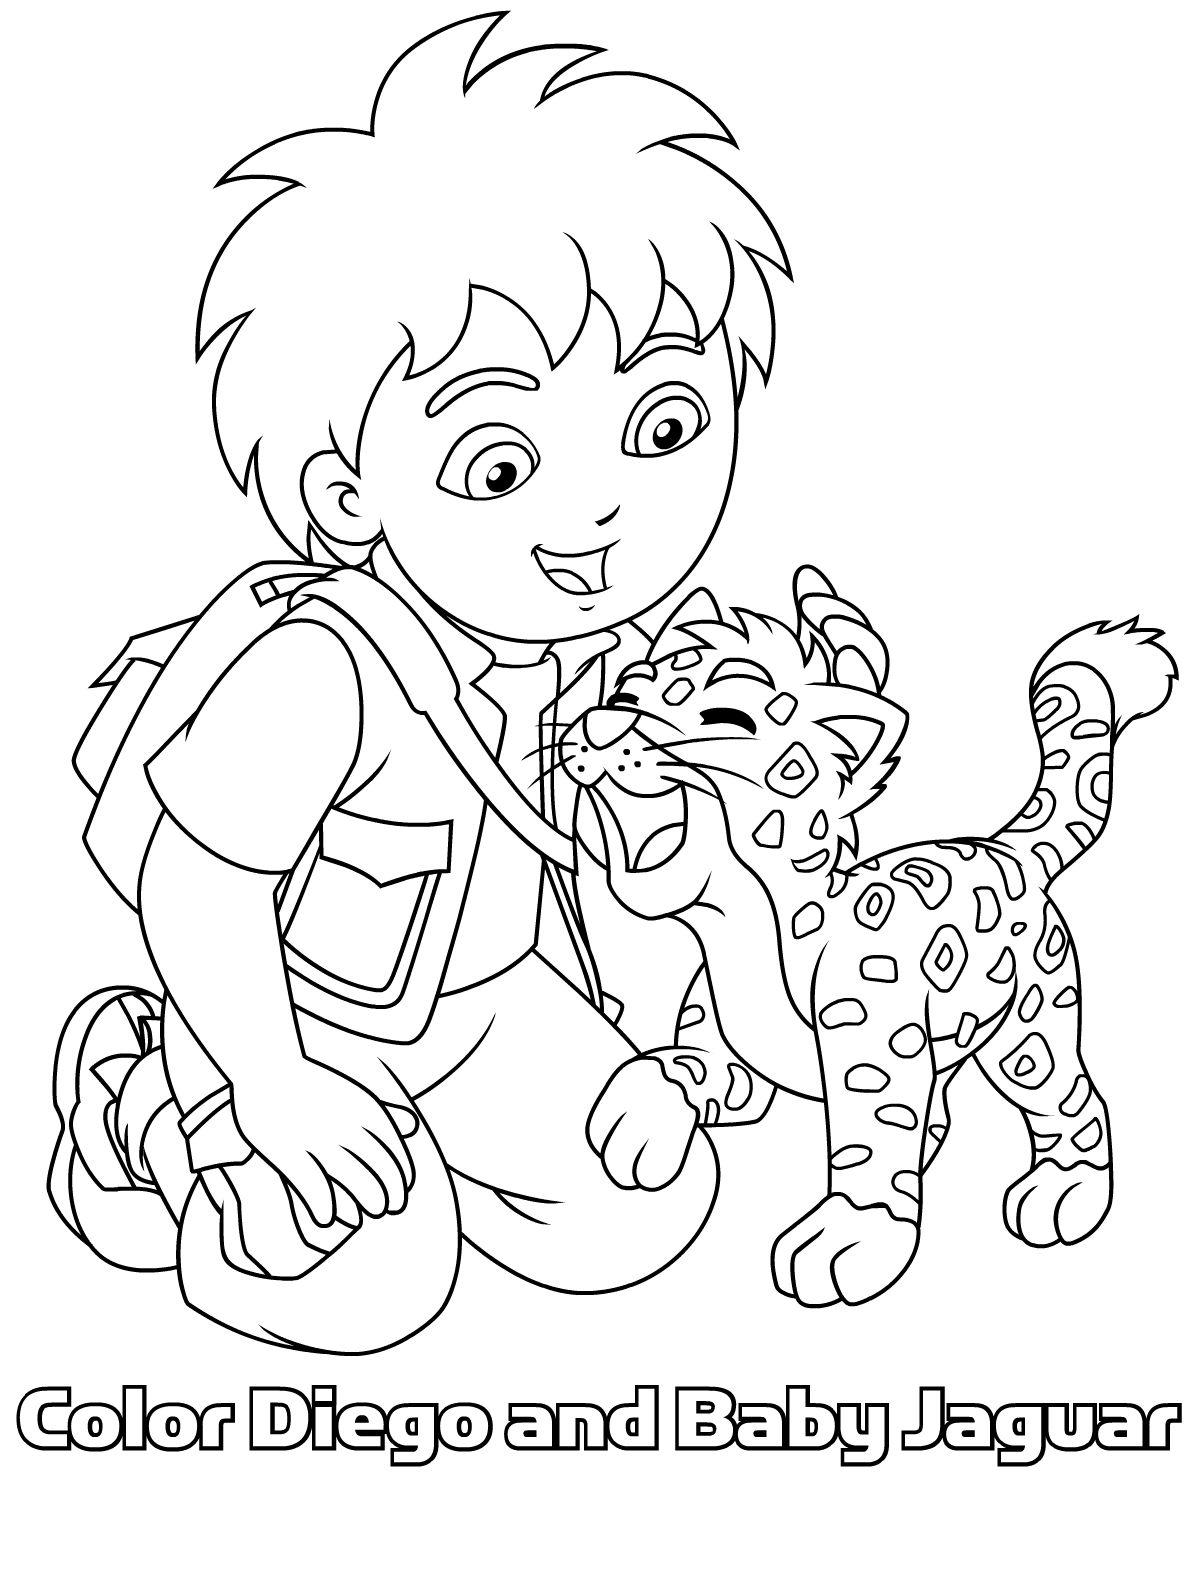 Go En Baby Jaguar Samen Op 1 Kleurplaat